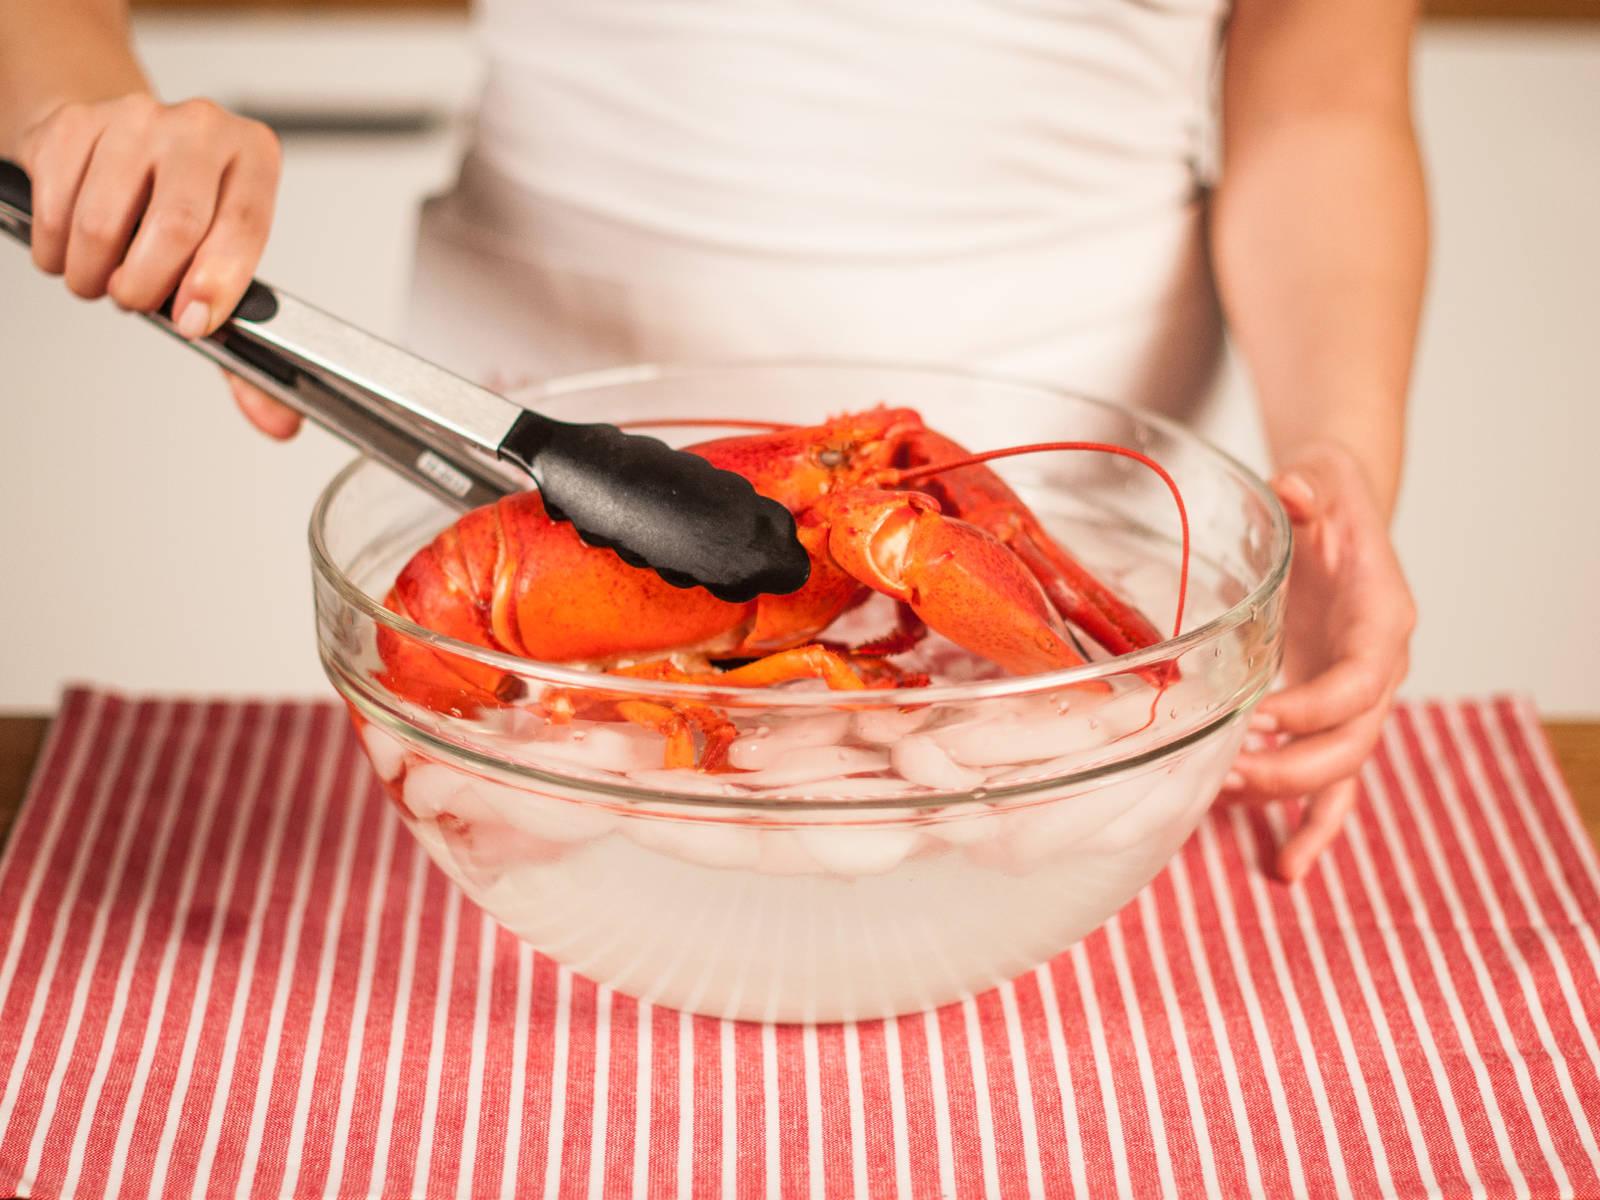 现在,取出龙虾,浸入冰水,以中断其持续加热。